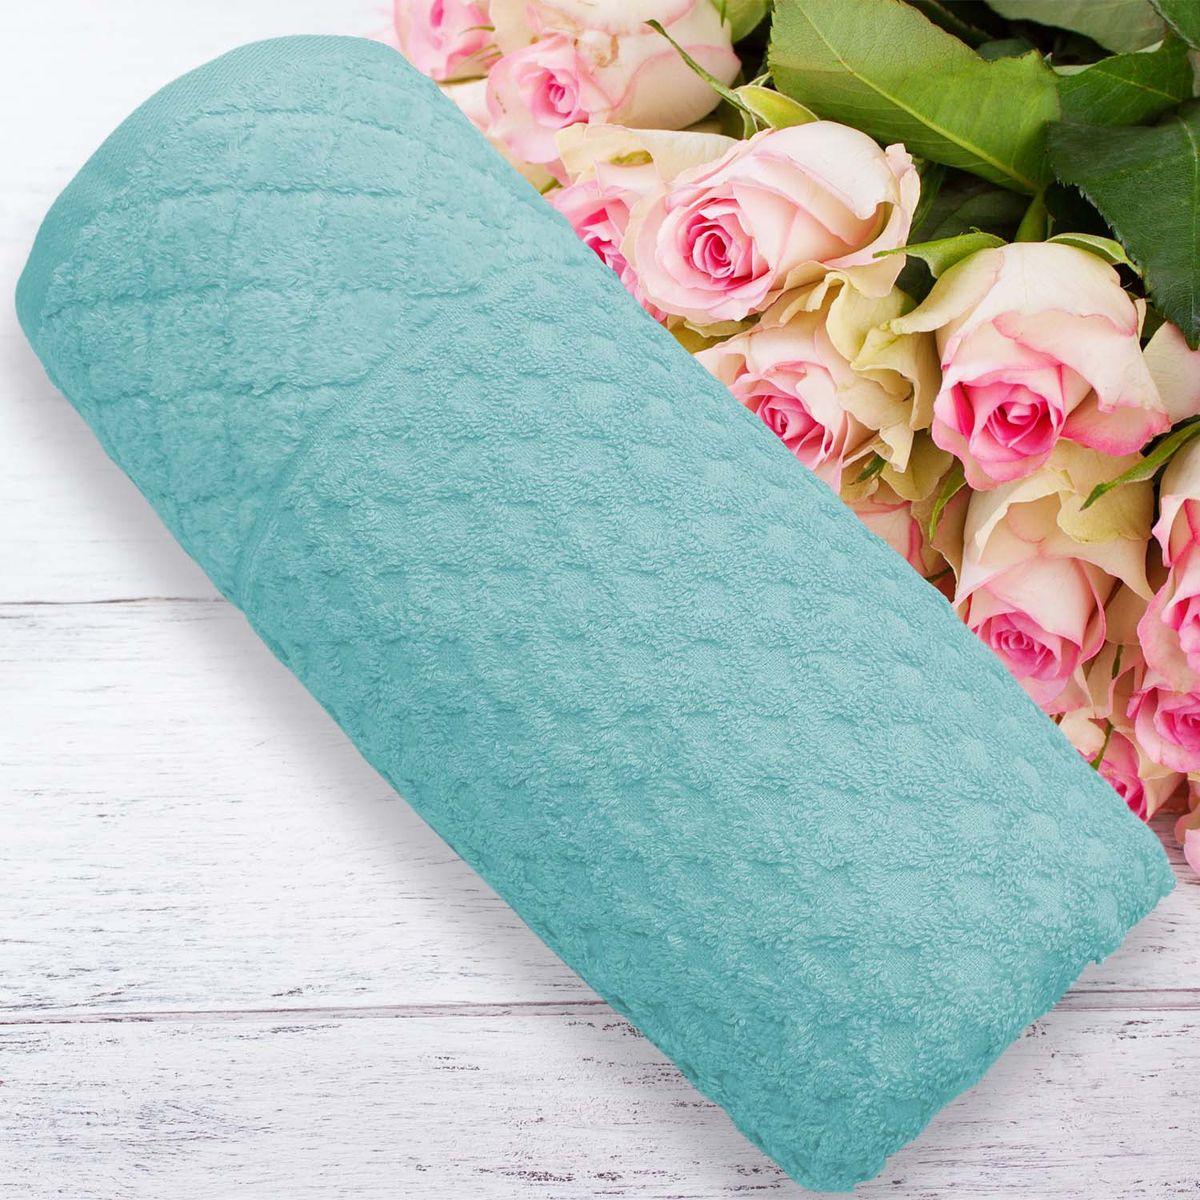 """Полотенце банное Amore Mio AST Rumba, цвет: изумрудный, 140 х 70 см2496Коллекция выполнена из чистейшего (100%) узбекского хлопка. Одно легкое касание - и ткань впитает всю влагу с Вашей кожи. Это благодаря тому, что пряжа изготовлена из сырья средней длины, что улучшает качество нитей и наделяет изделие уникальными впитывающими свойствами. Также, ткань обработана специальным способом """"мерсеризация"""", что придаёт изделию дополнительную мягкость. В процессе использования полотенца бережно массируют кожу, улучшая кровообращение, а их воздушная, мягкая текстура не вызывает раздражения. После первой же стирки изделие увеличивается в объеме, петли поднимаются и уплотняются, благодаря чему приобретается благородный вид. Яркость и насыщенность цвета обеспечивают высококачественные красители. Перед первым применением рекомендуется стирка. Не желательно стирать махровые изделия на больших оборотах и в режиме «экономия воды». Размерный ряд: 50*90 см и 70*140 см."""